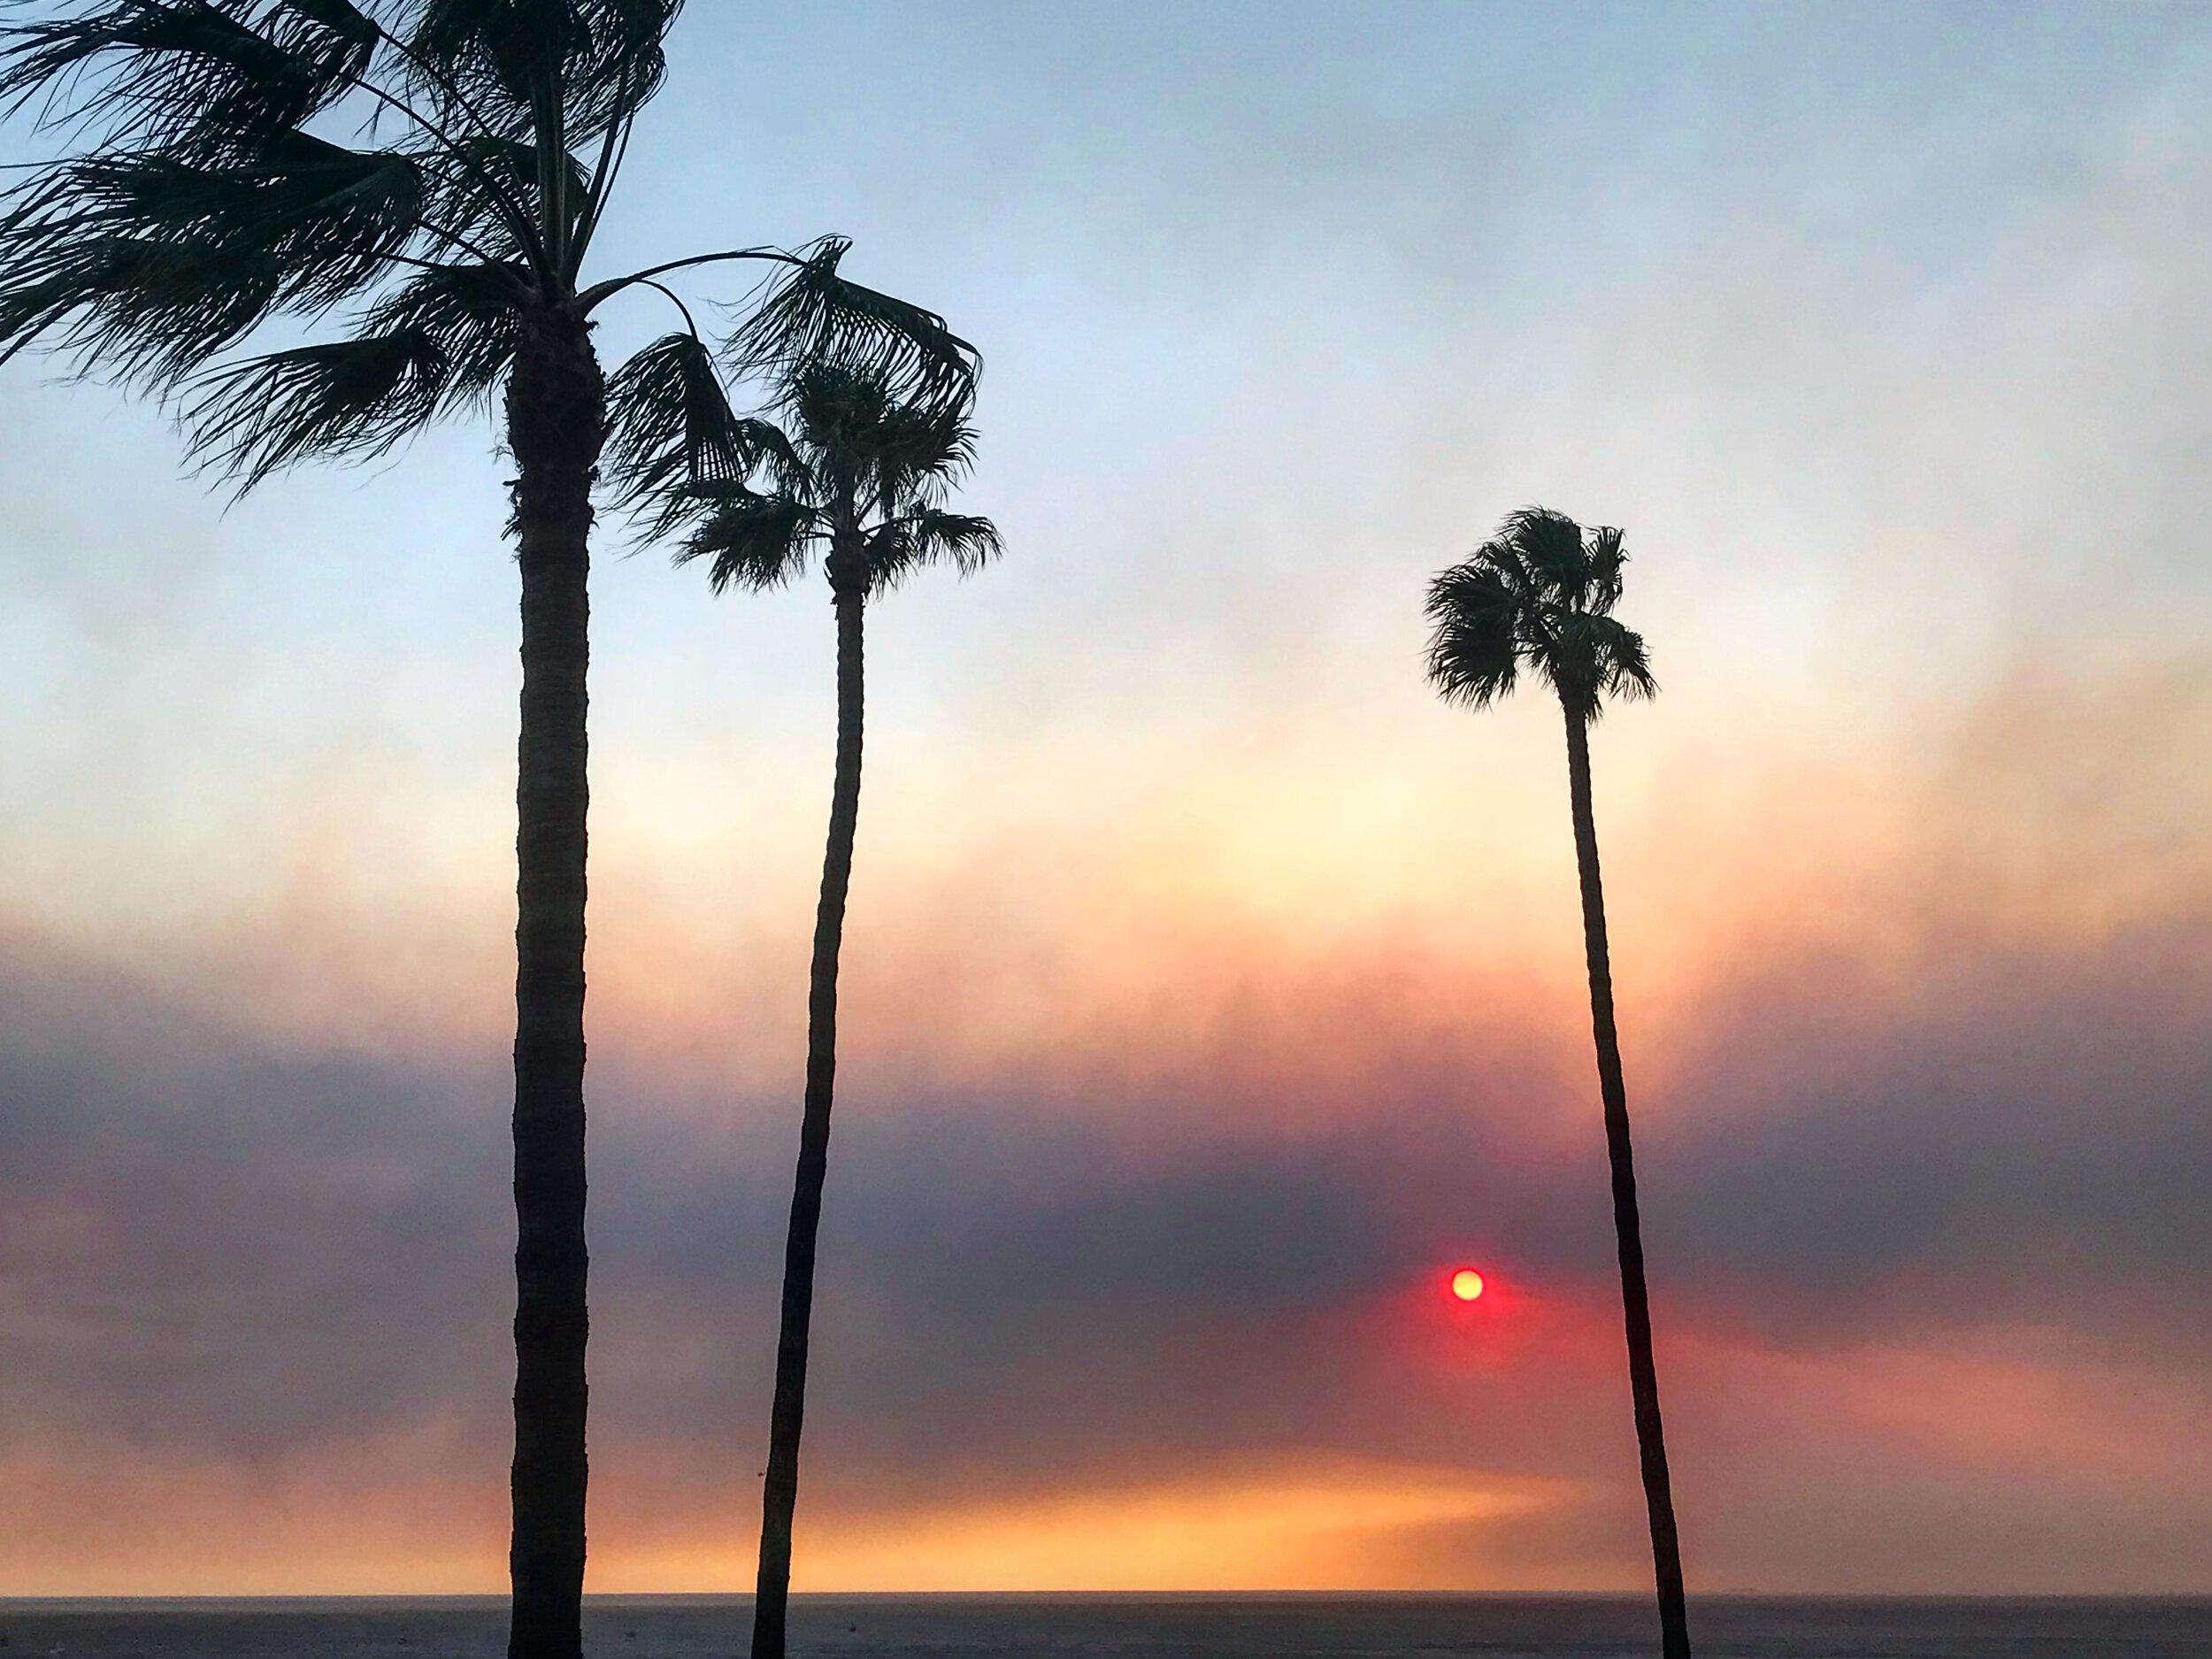 4:25pm - November 8, 2018 - the smell of smoke grew potent and ash began to fly through the air outside. (📷: Lisa Butala Zabaldo)